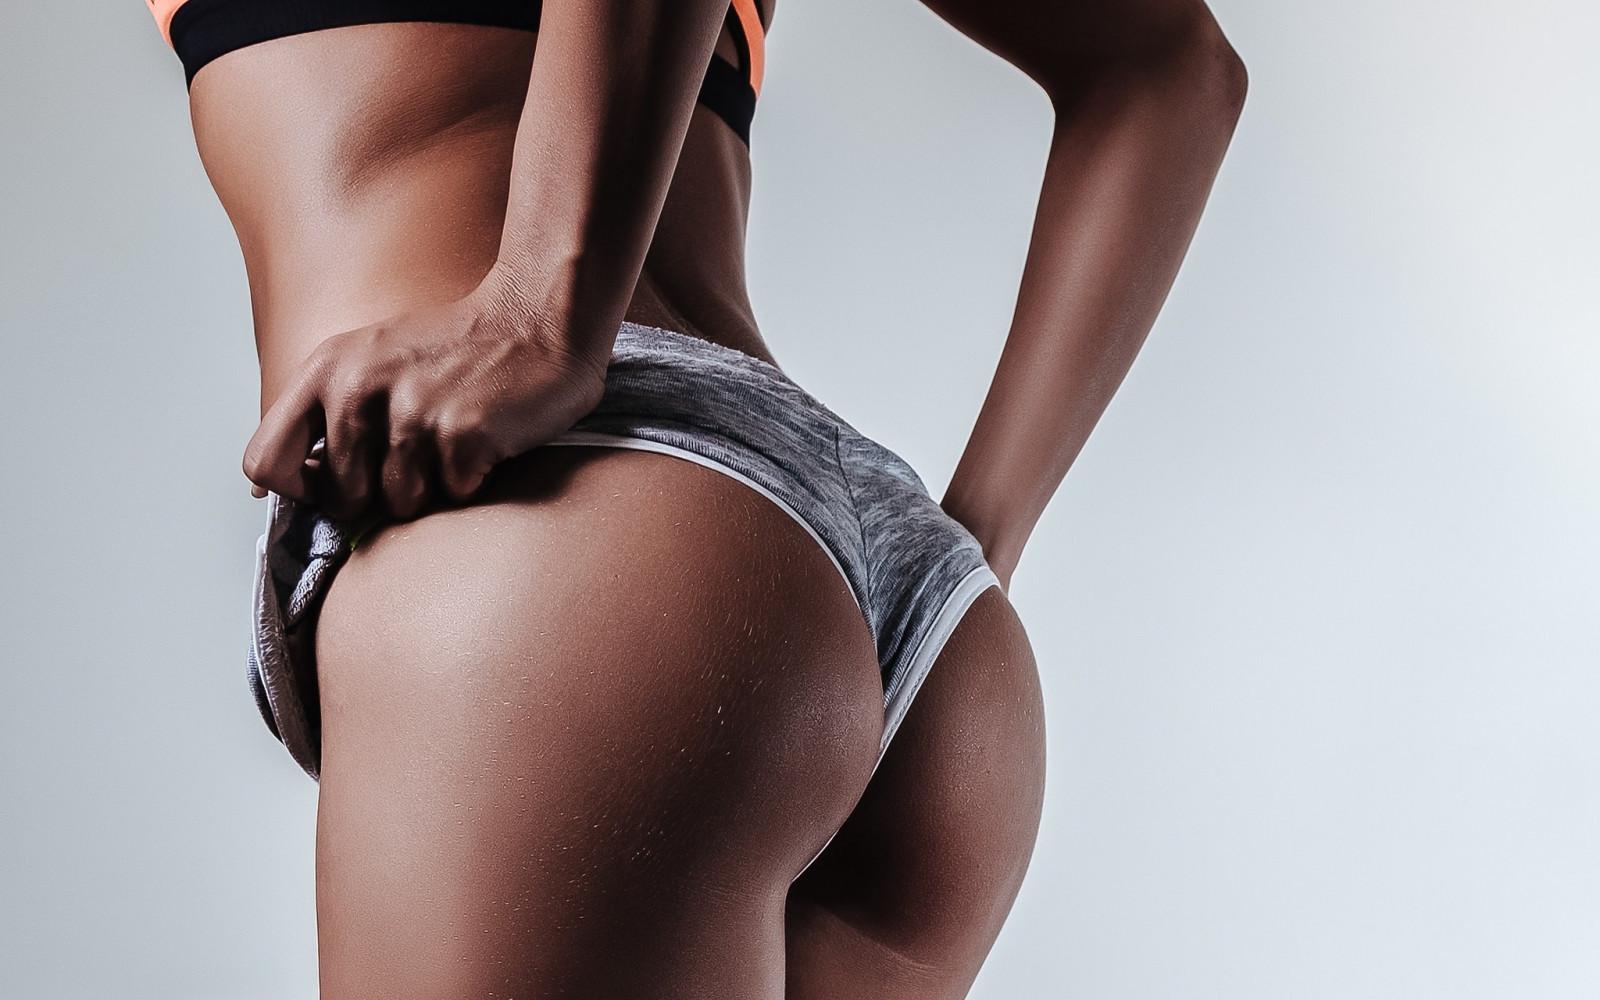 Видео фото красивых дамских ягодиц джеймс порно